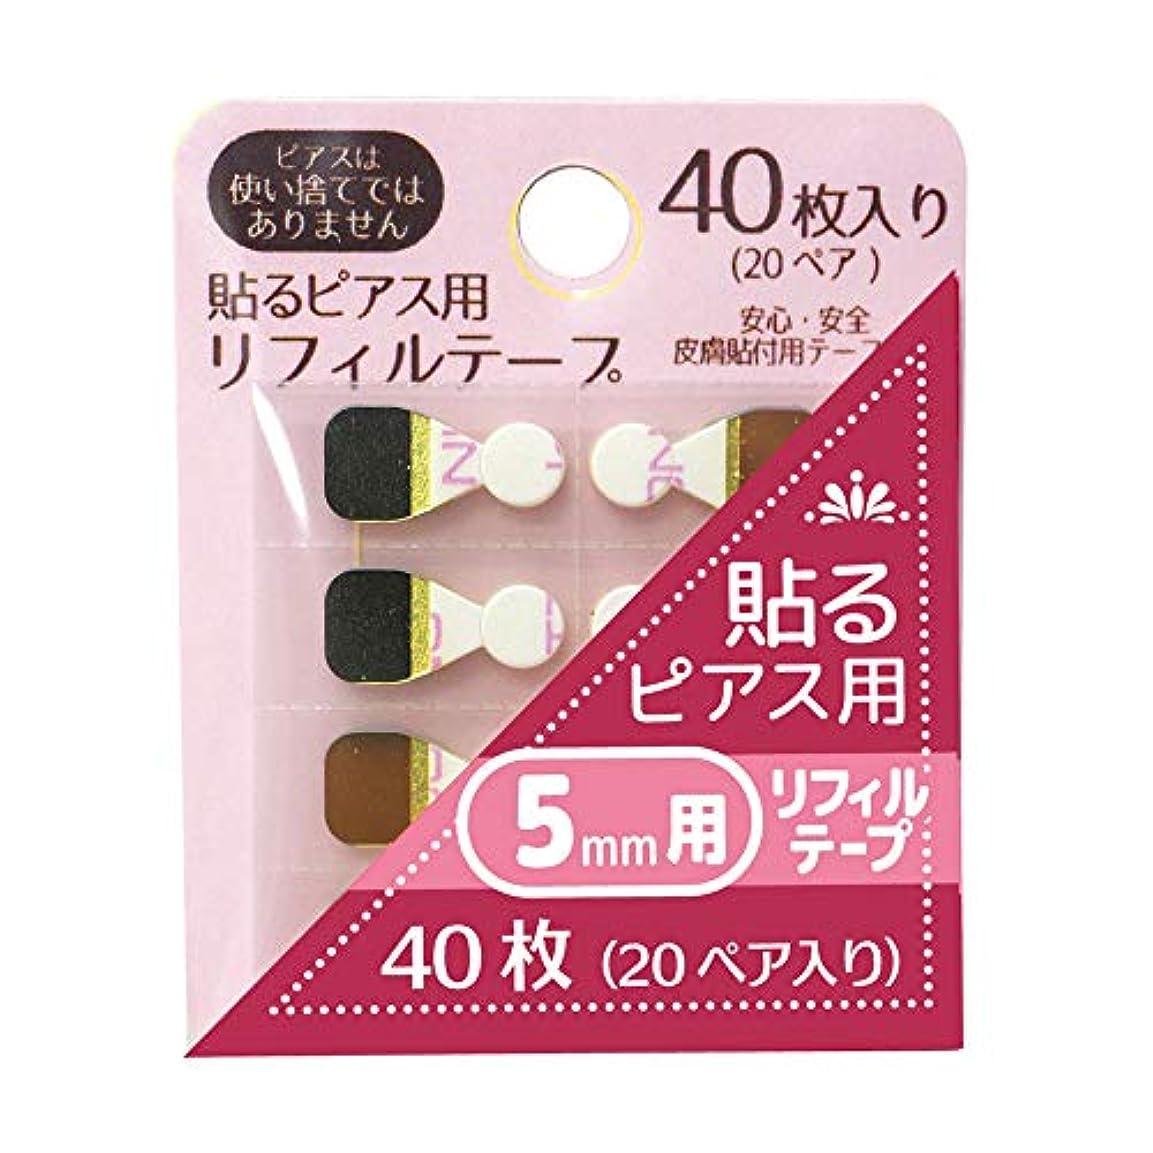 支配的日光空のBN 貼るピアス用 リフィルテープ 5mm用 SPP-R (40枚入 (20ペア))